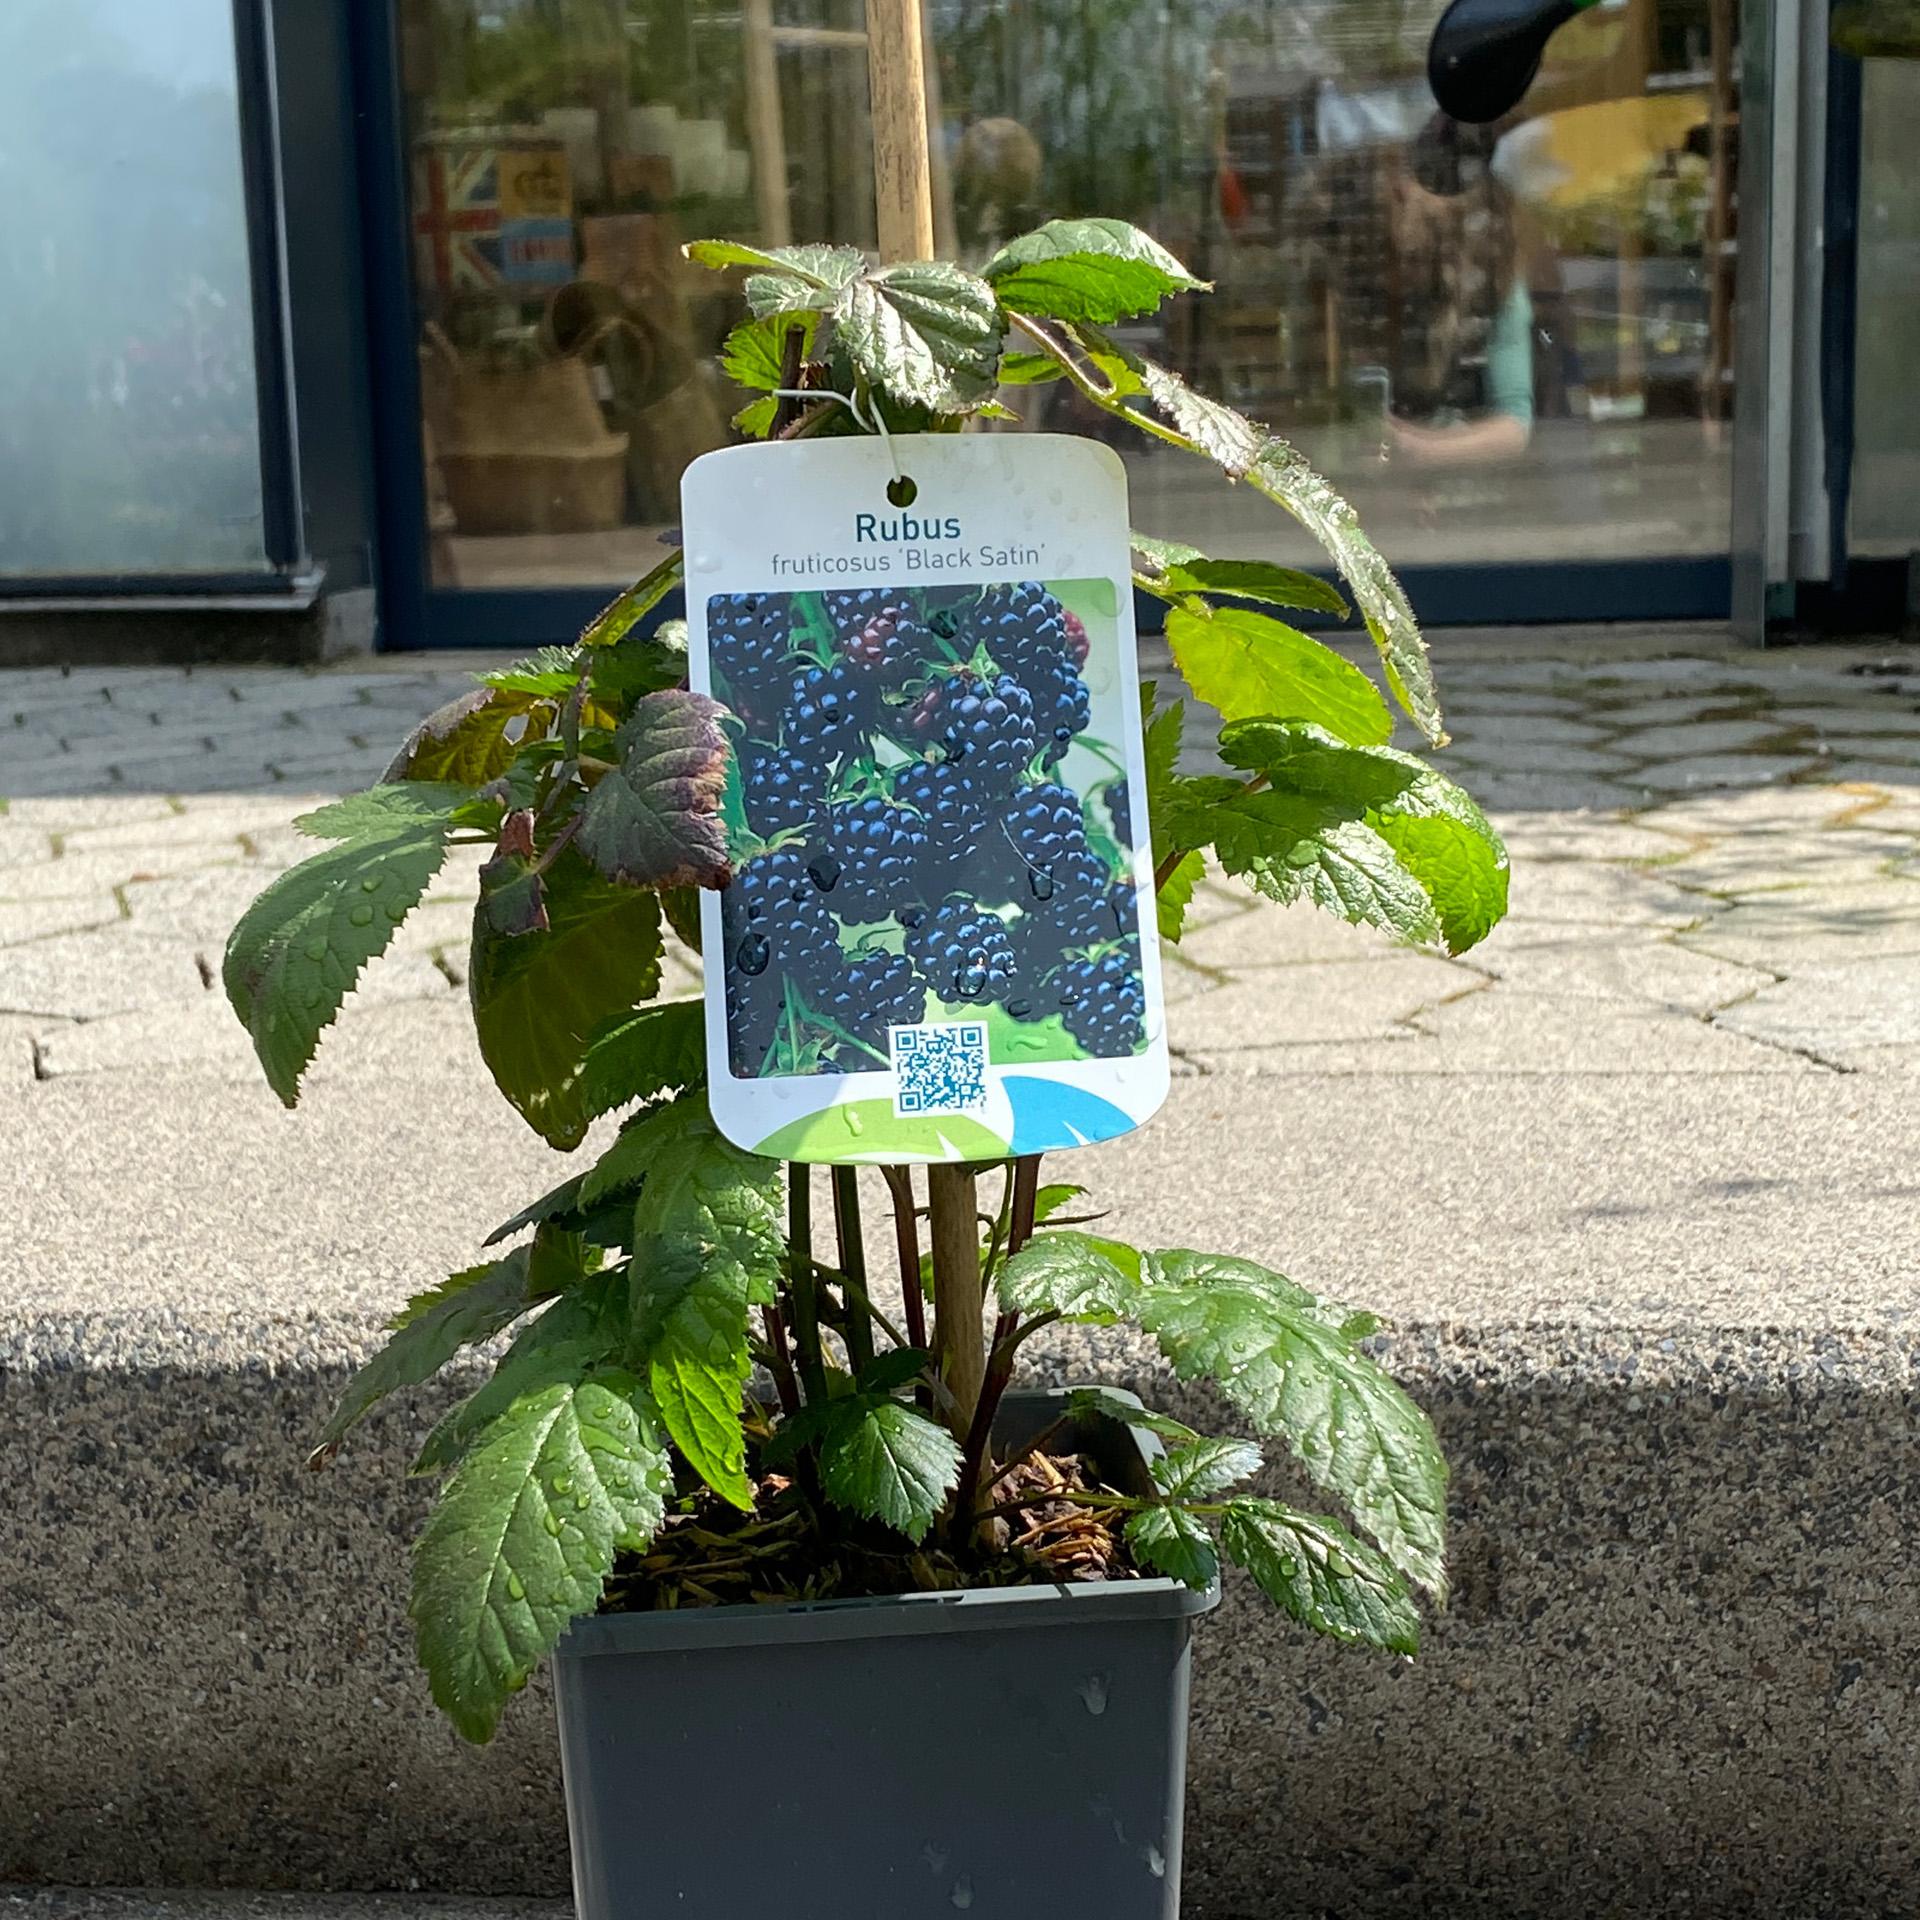 Dornenlose Brombeere - Rubus fruticosus 'Black Satin', C2eck